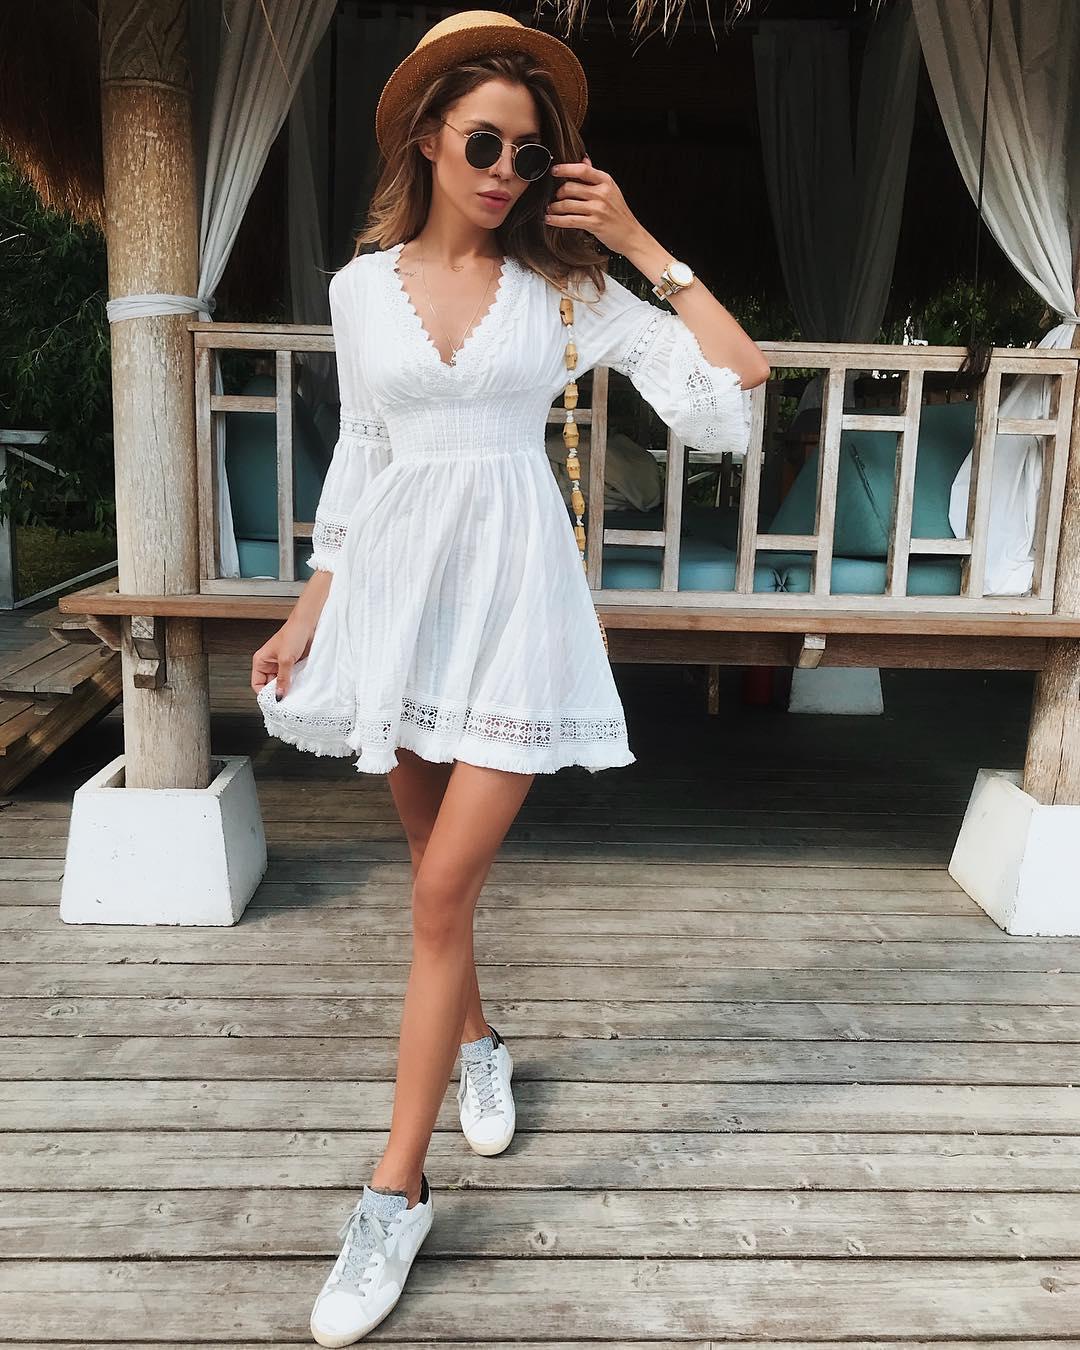 Платье с кроссовками фото_28